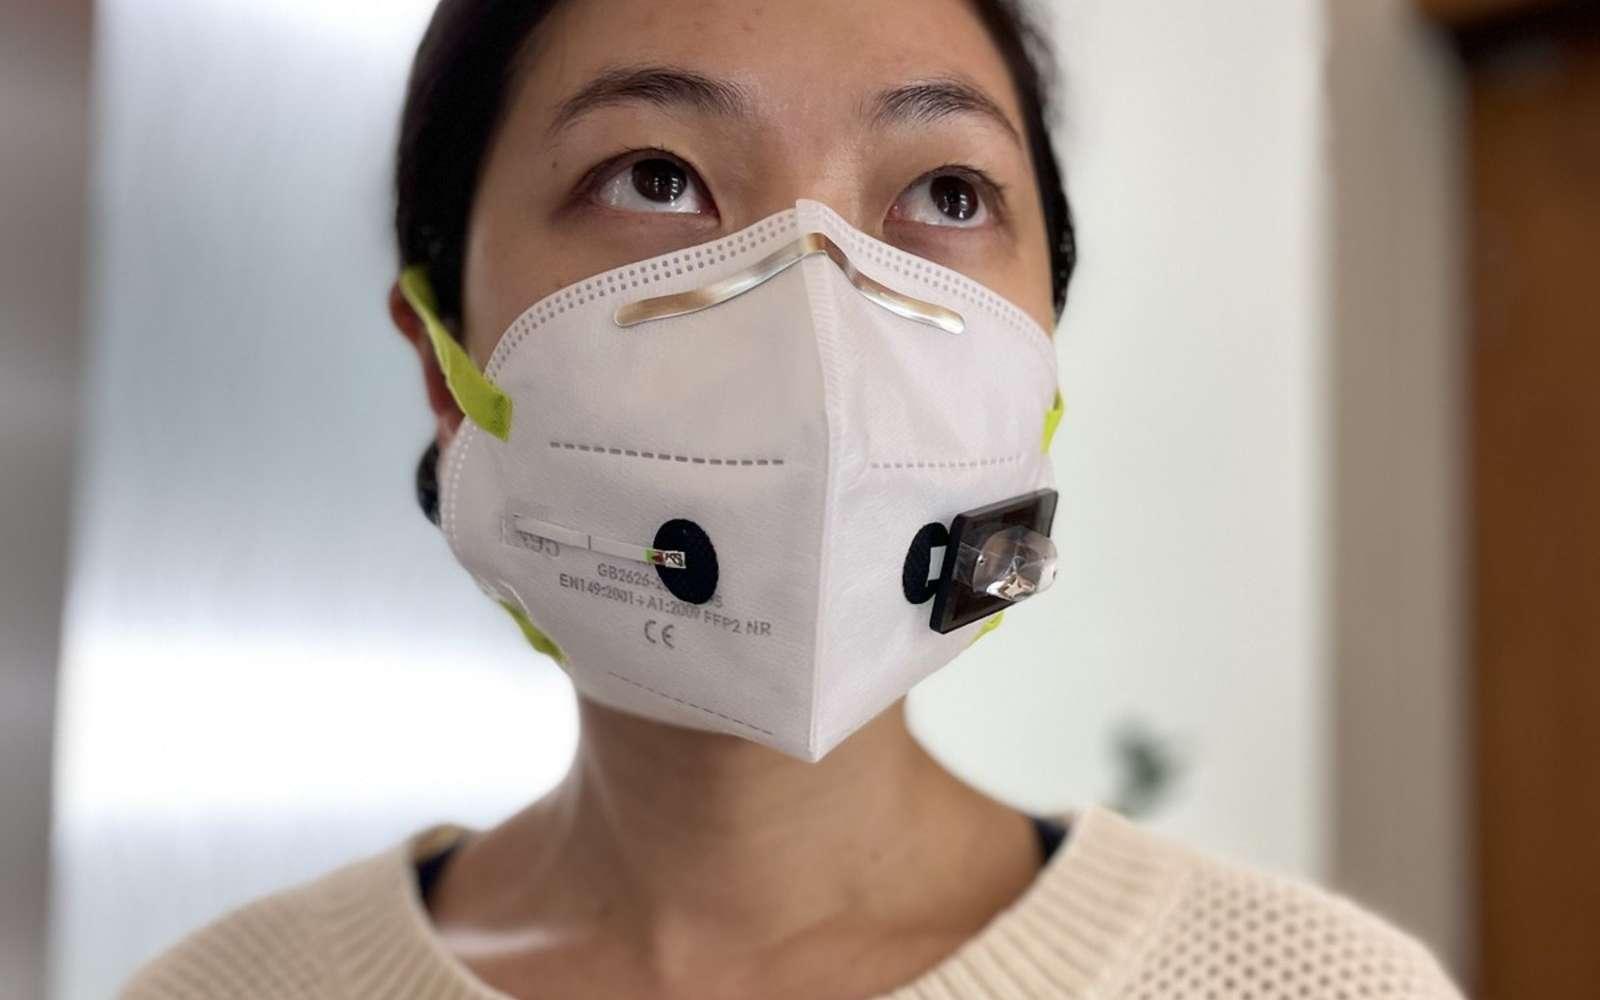 Le dispositif peut aussi être placé sur un autre masque. © Wyss Institute à l'Université d'Harvard